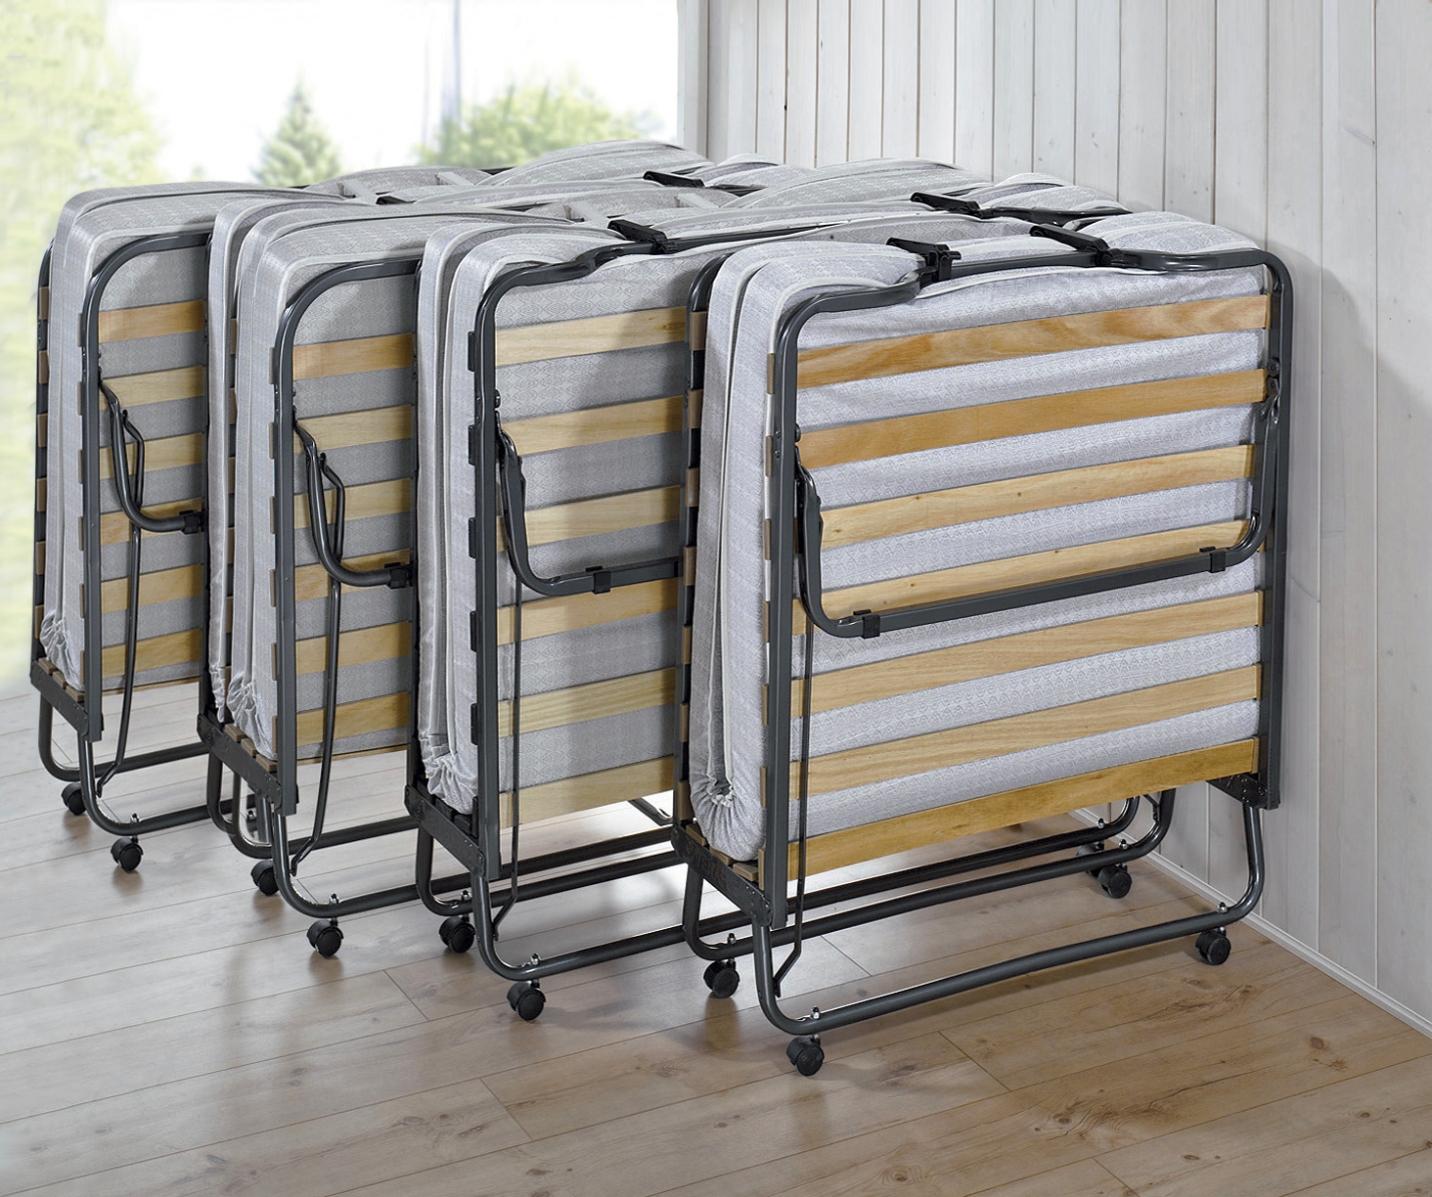 g stebett in verschiedenen ausf hrungen betten bader. Black Bedroom Furniture Sets. Home Design Ideas